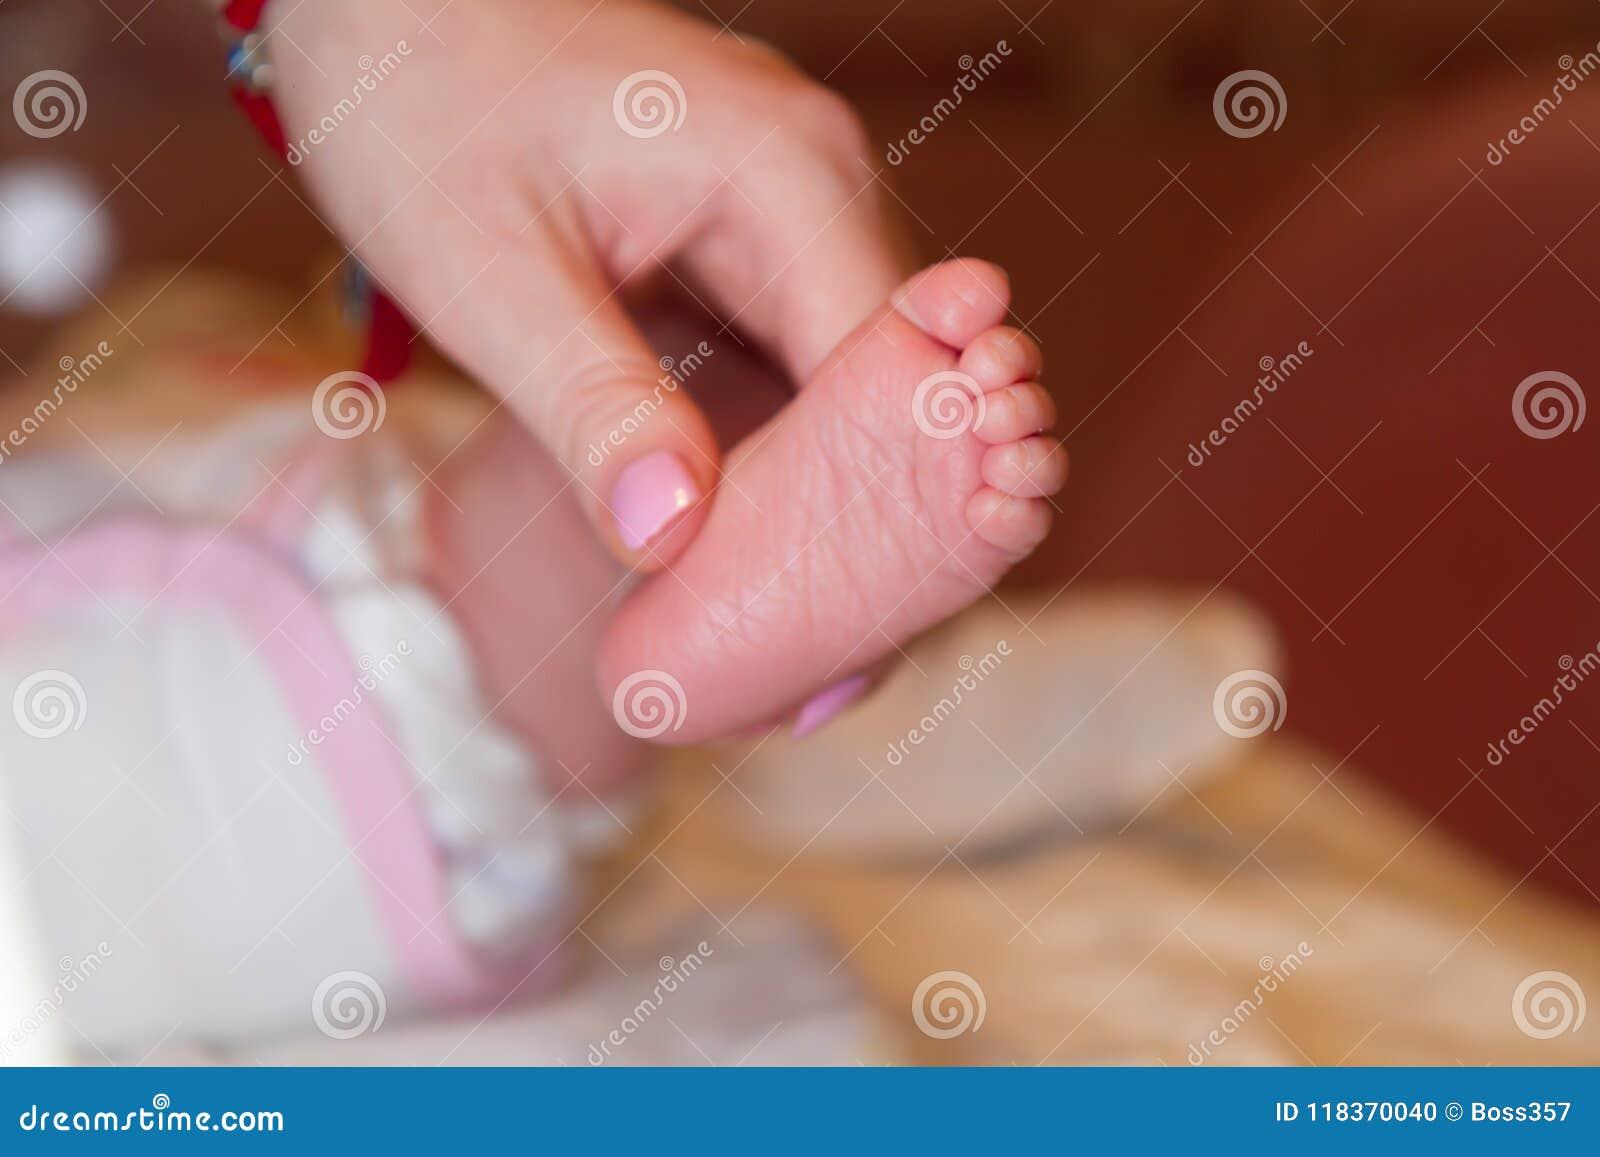 Matka chwytów ręka noga niemowlak, palce i mali cieki zdrowego dziecka,